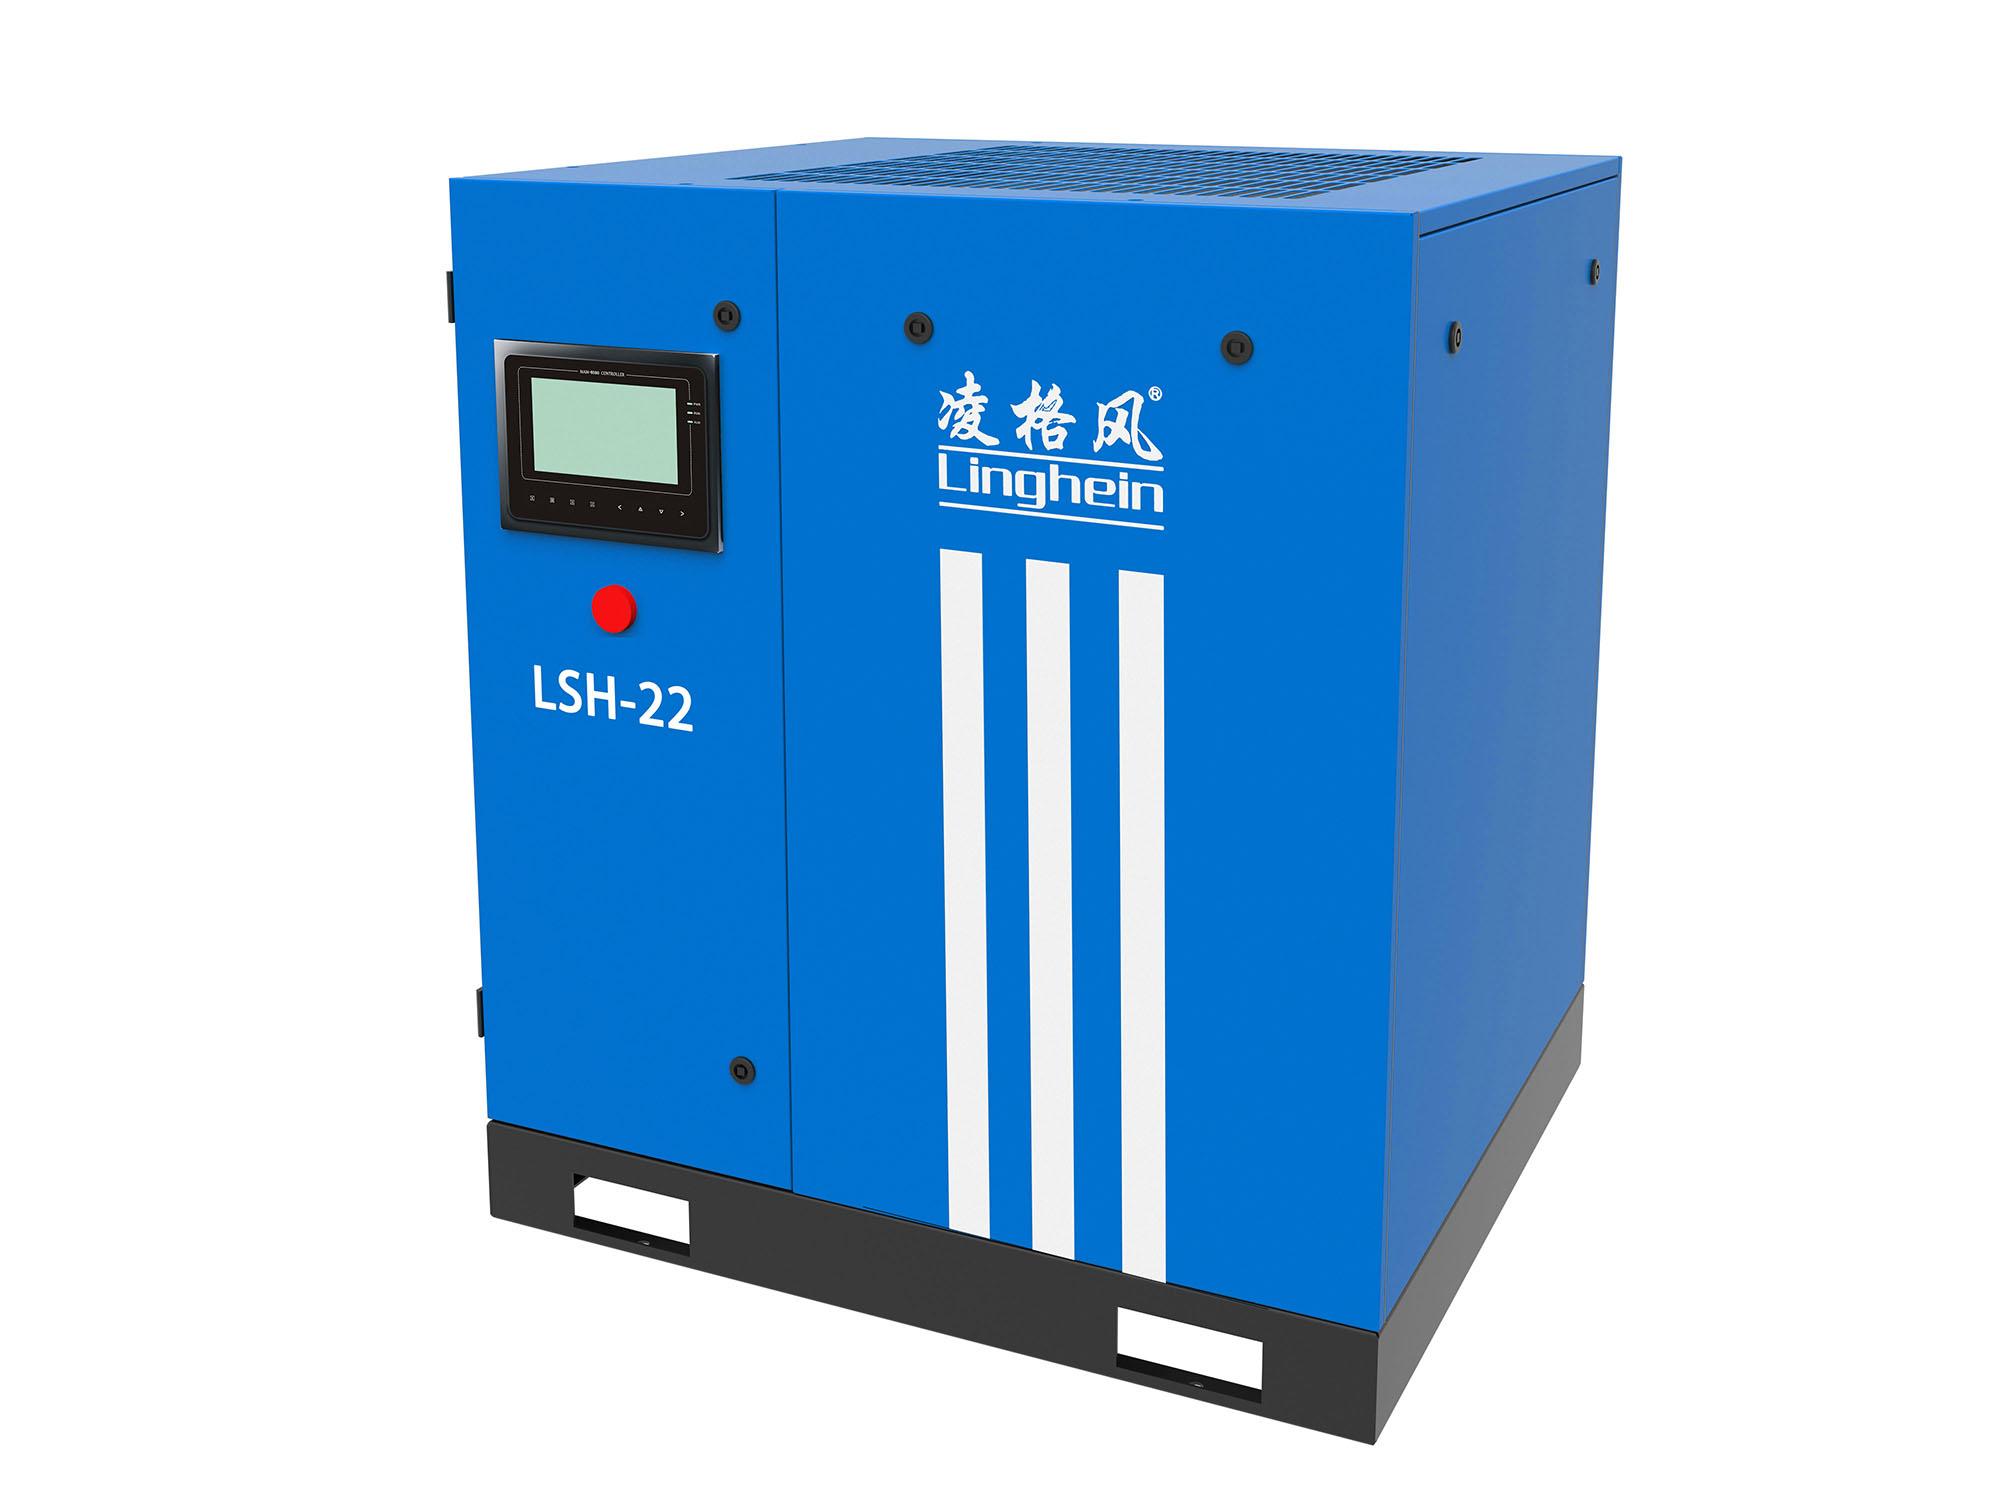 辽宁螺杆压缩机服务为先 客户至上 上海凌格风气体技术供应